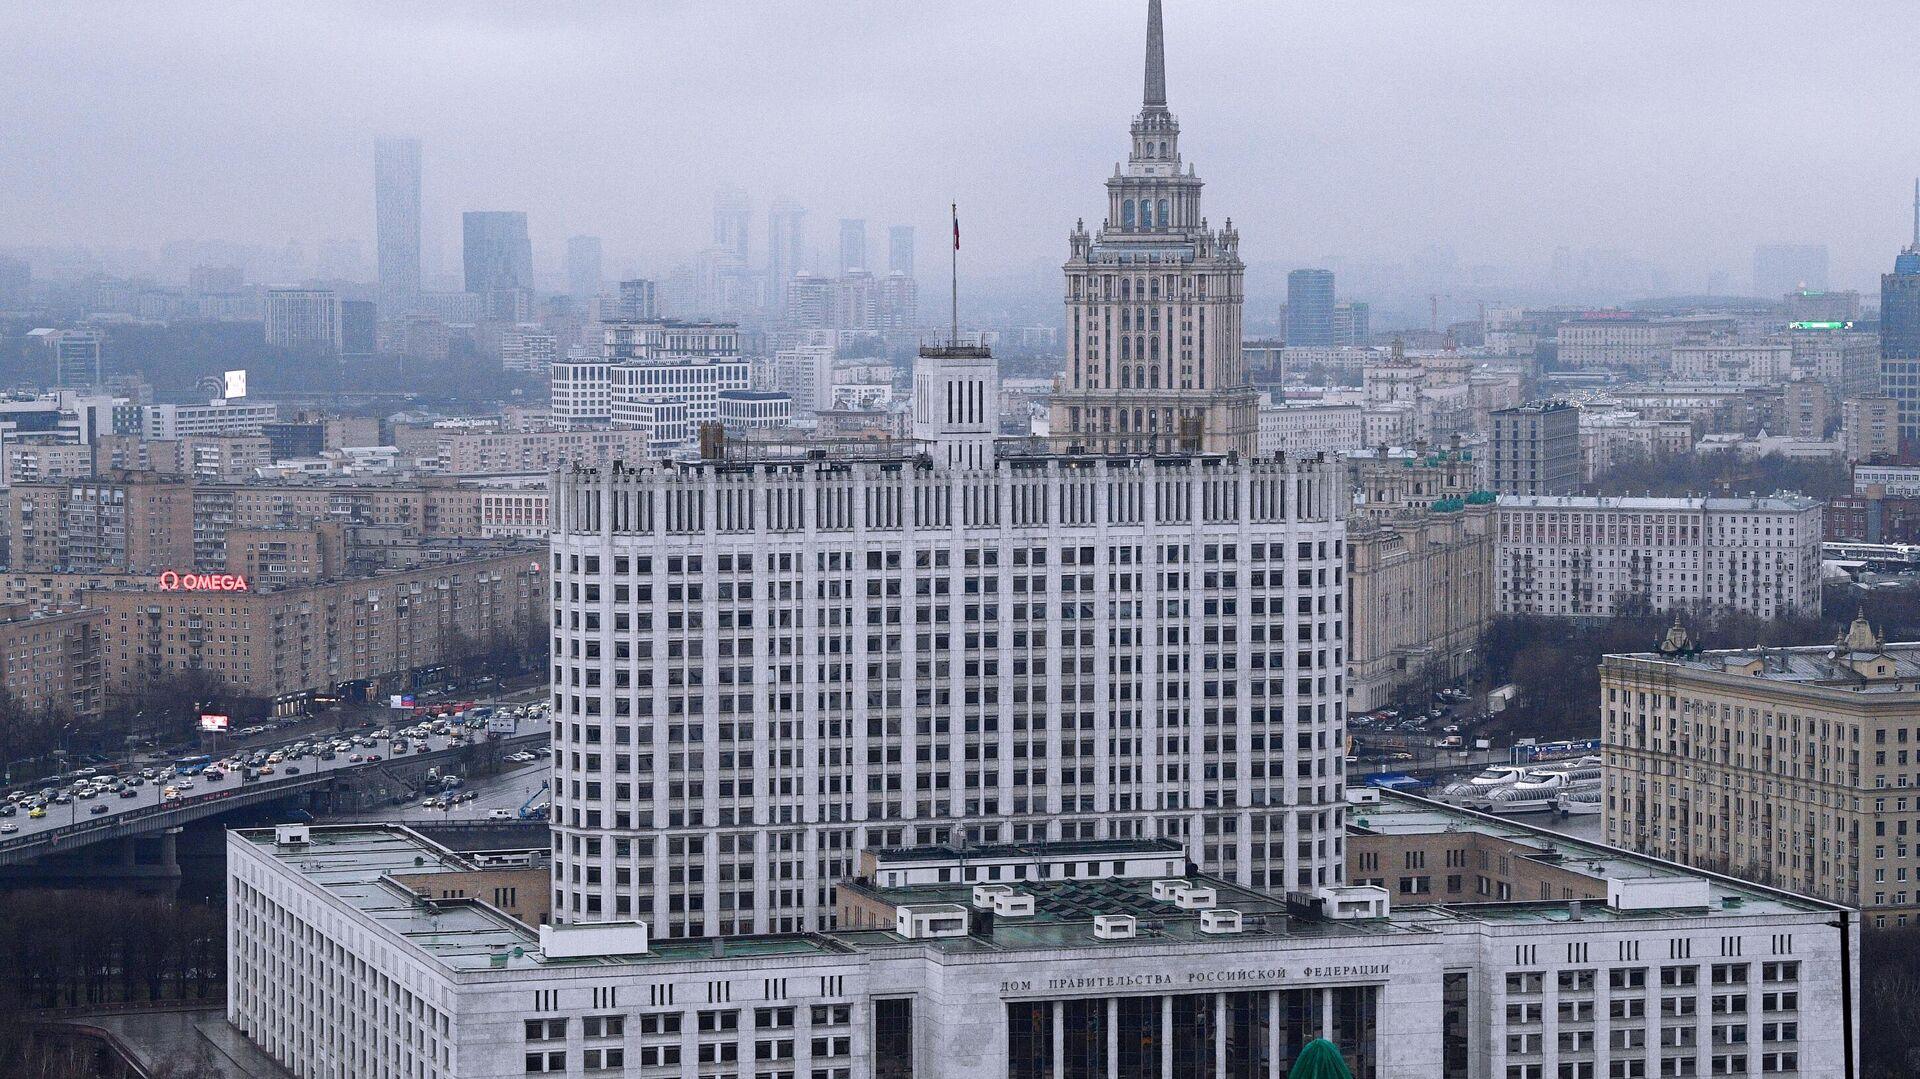 Здание правительства РФ  - РИА Новости, 1920, 21.04.2021